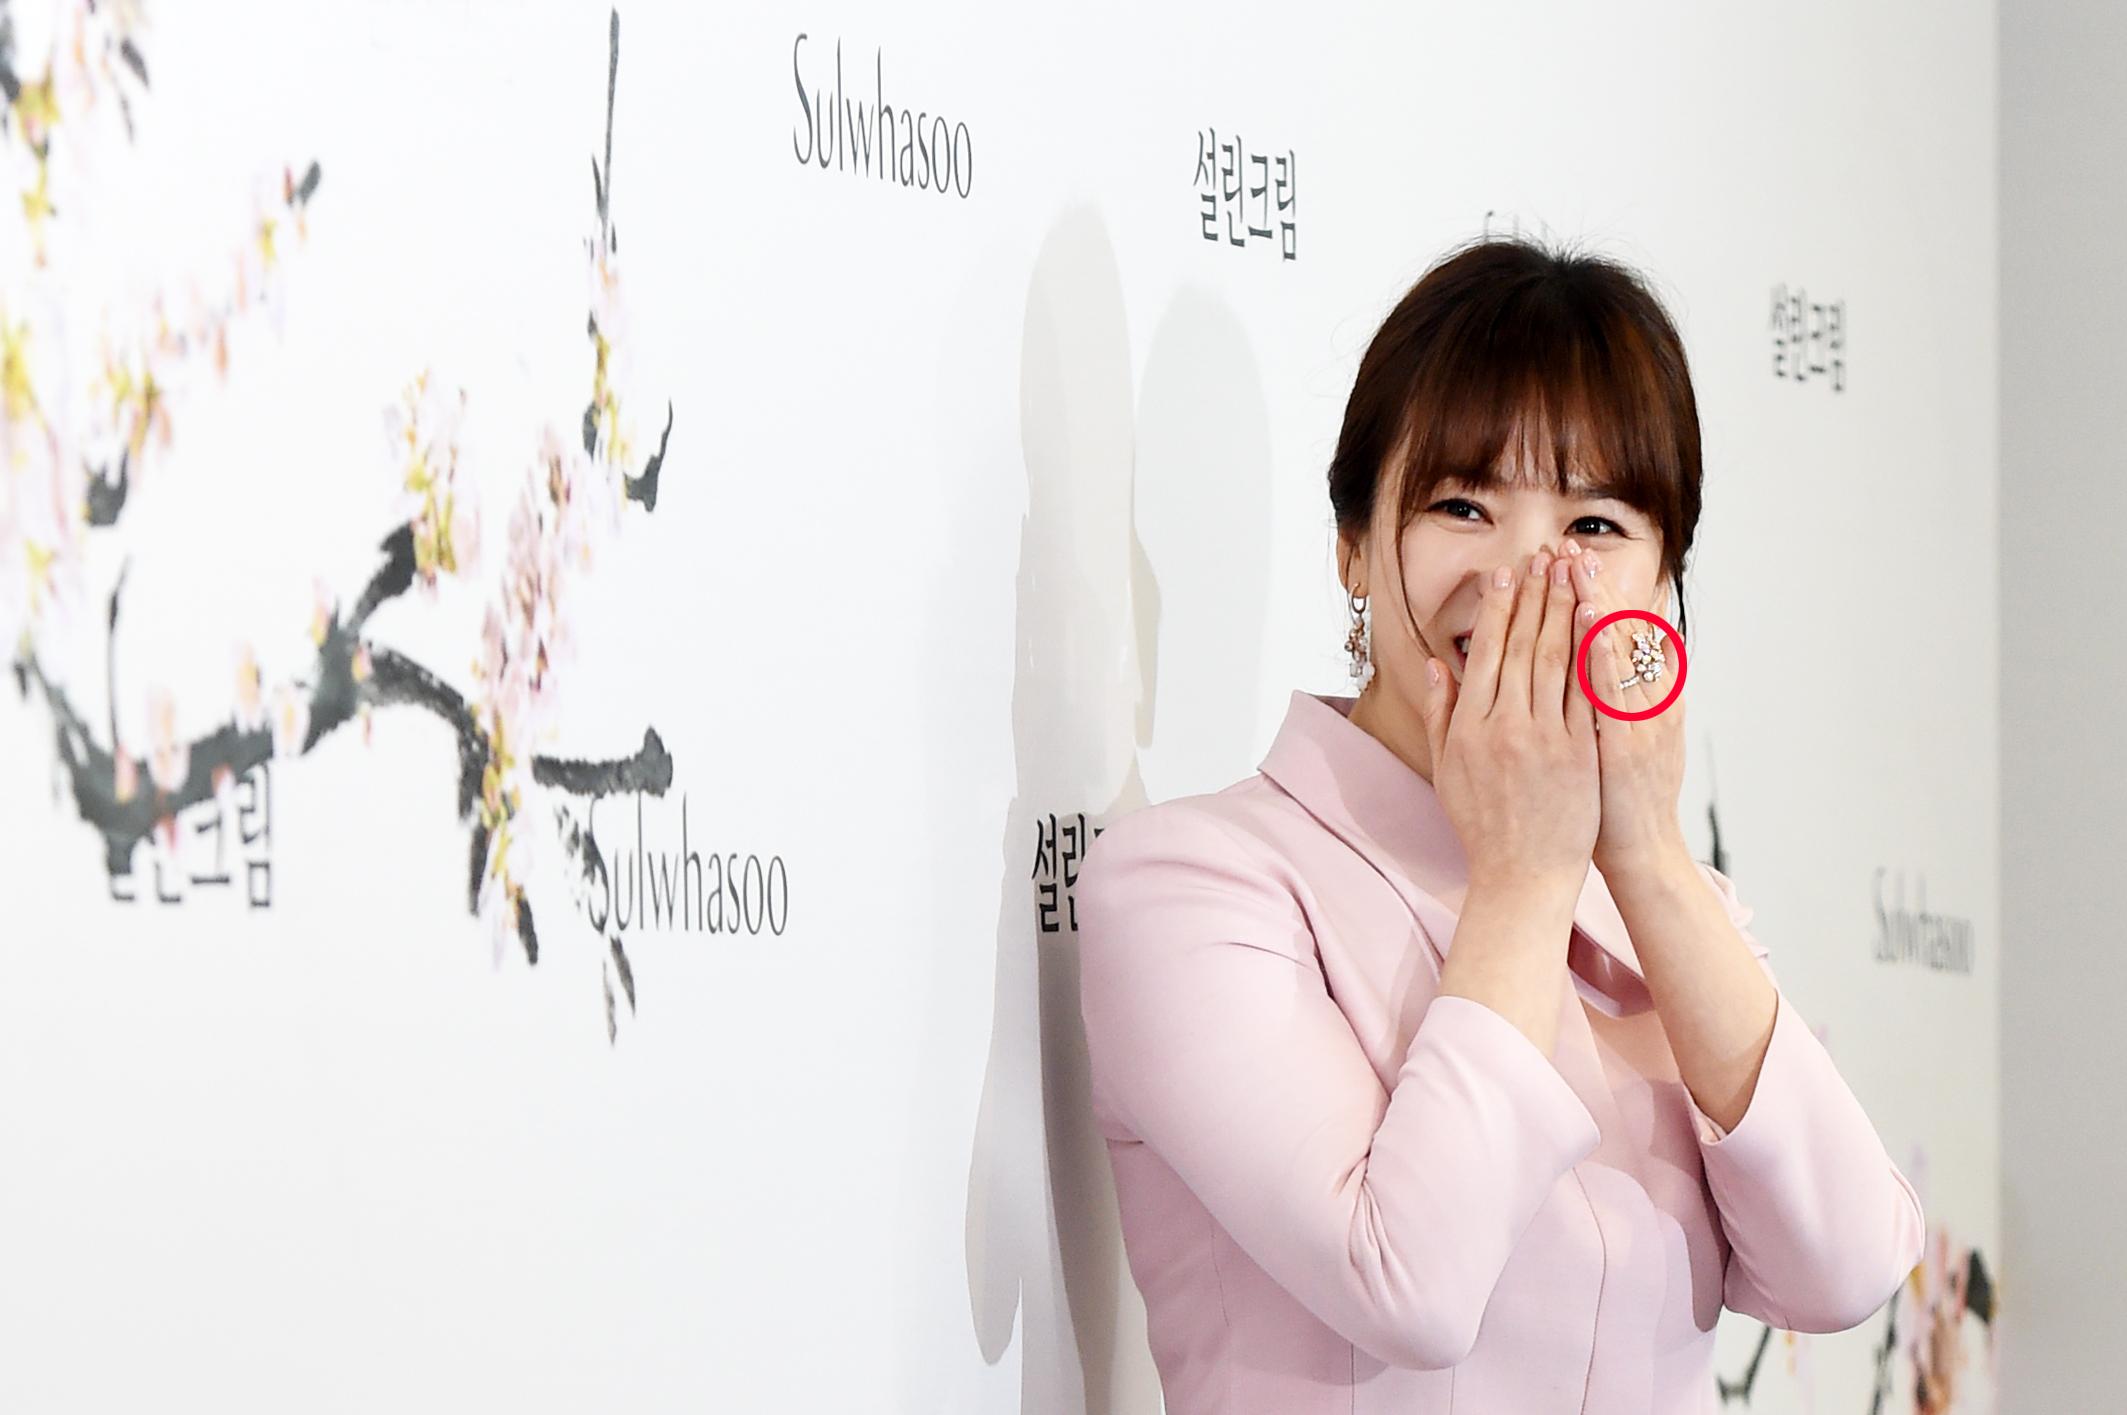 톱스타 '송혜교', '송중기'와의 결혼 후 첫 국내 공식석상